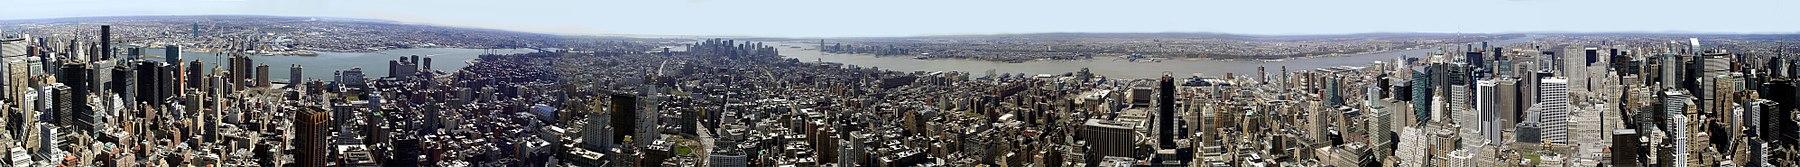 Panorama de 360º desde el edificio Empire State